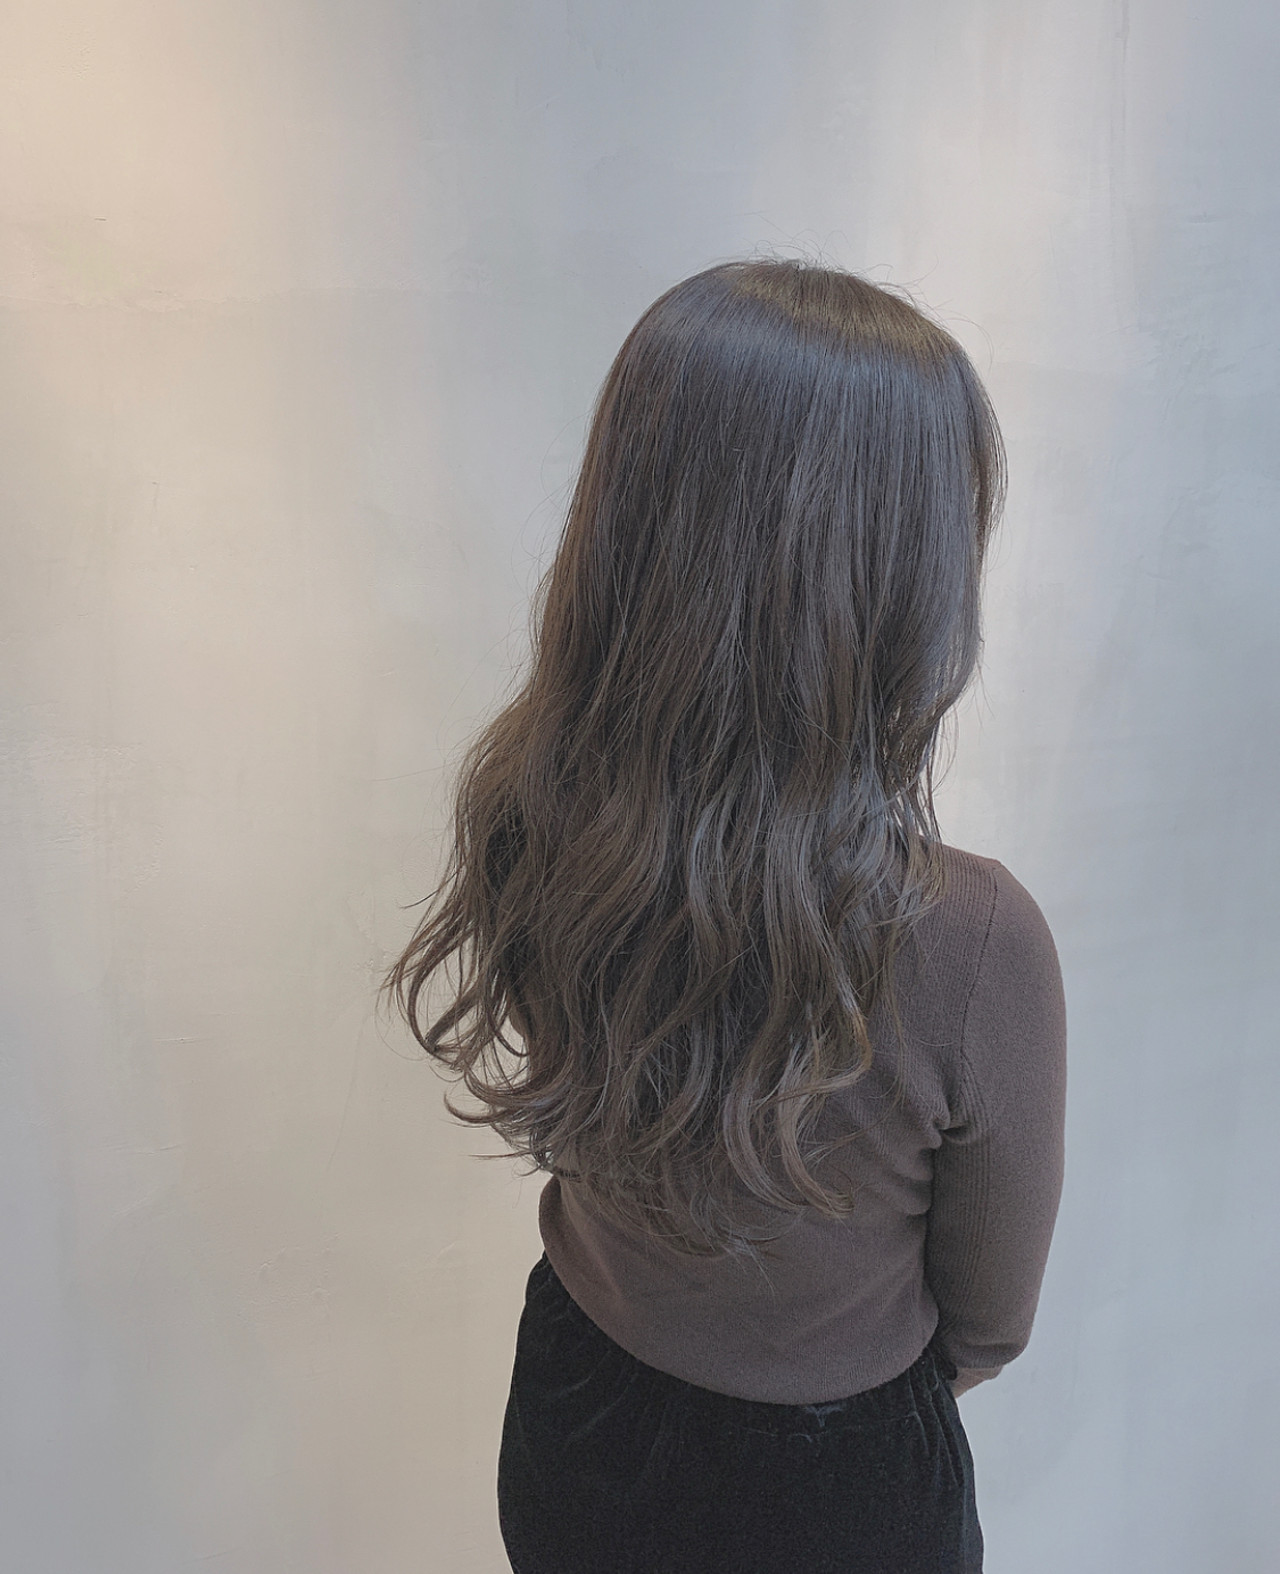 セミロング 透明感カラー ブルージュ ナチュラル ヘアスタイルや髪型の写真・画像